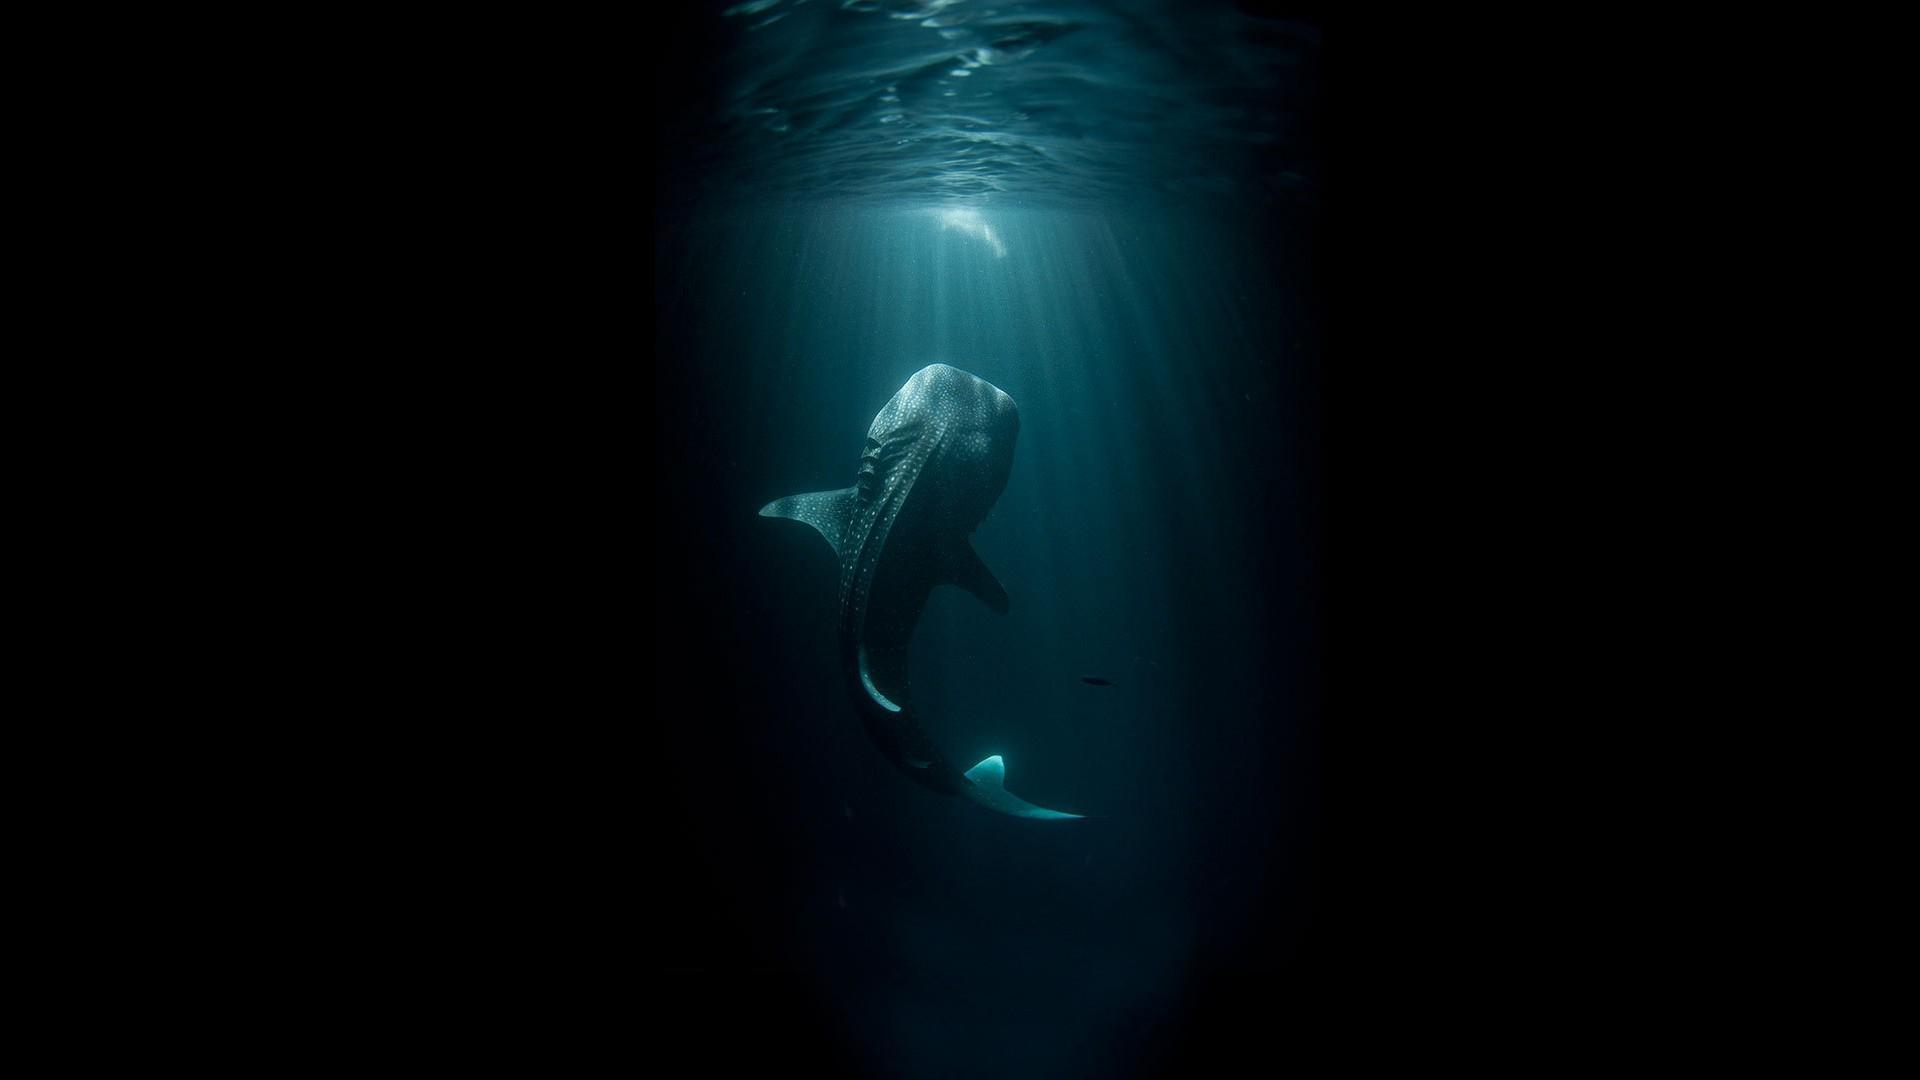 Whale Shark Wallpaper #62760 - Resolution 1920x1080 px